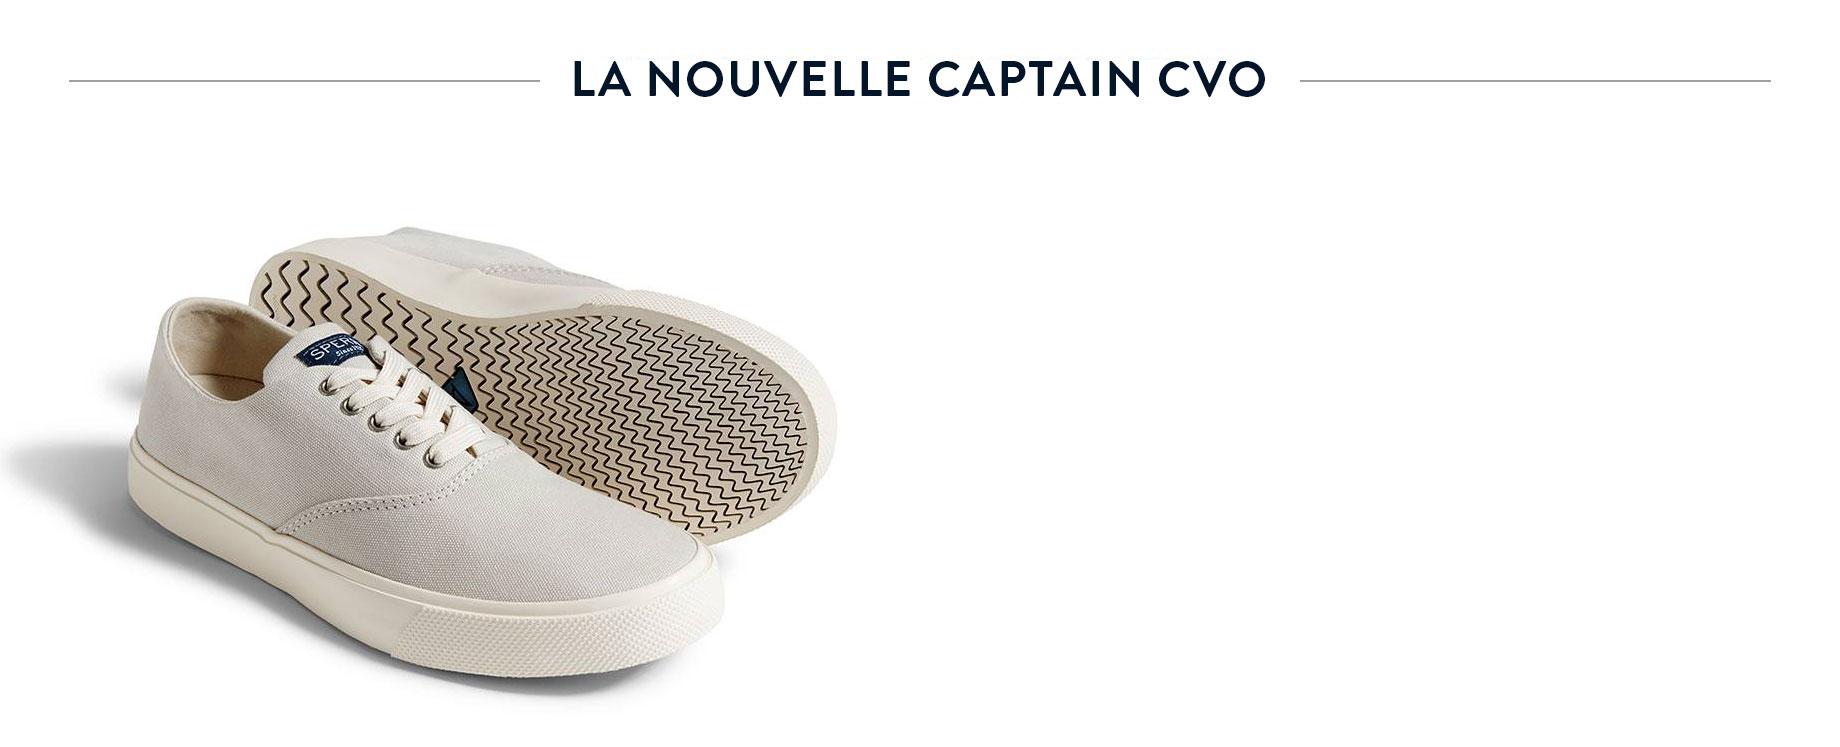 LA NOUVELLE CAPTAIN CVO